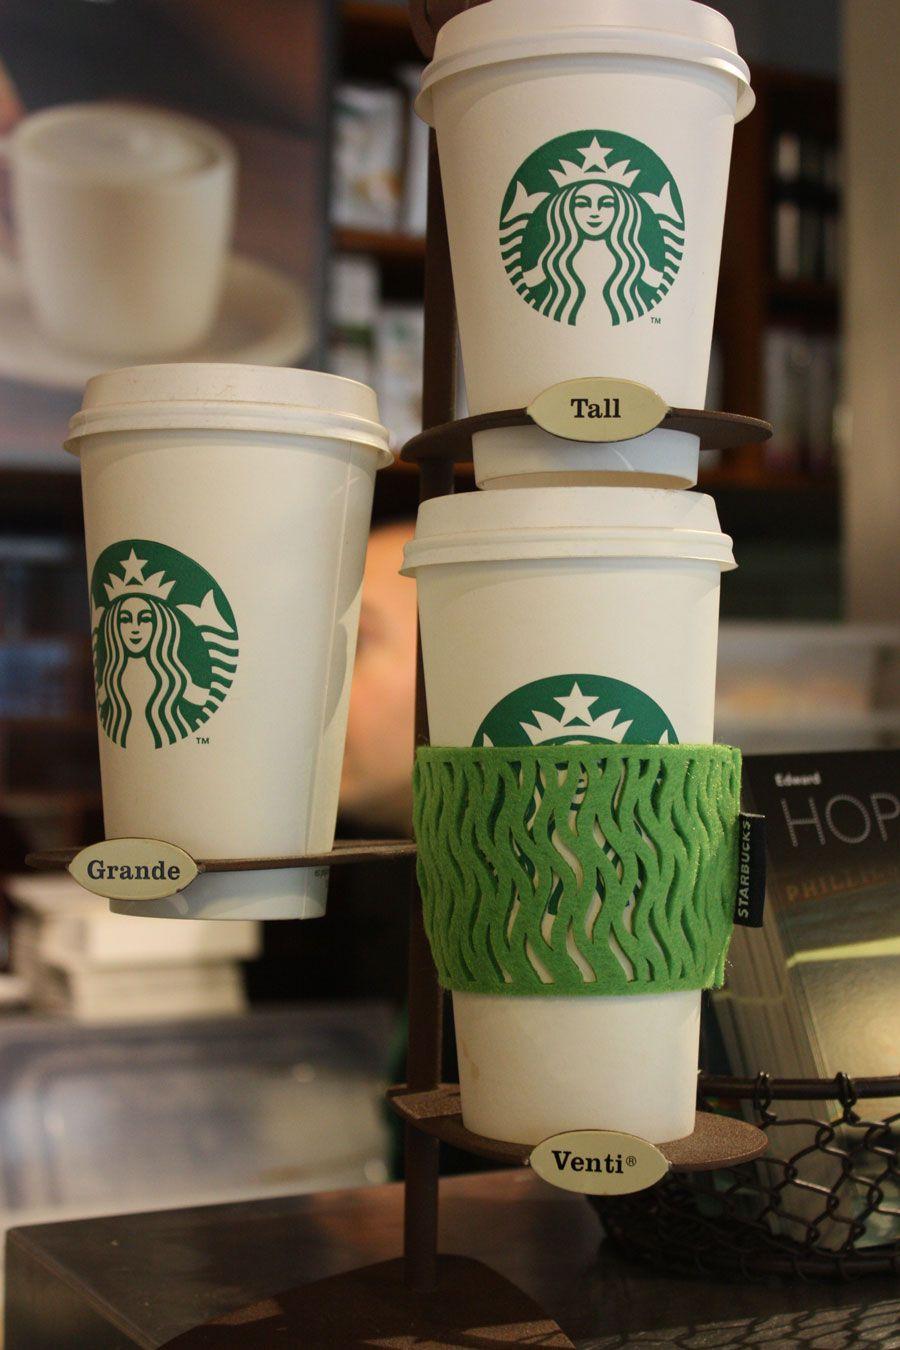 Manga reciclable para los vasos de caf en starbucks su for Vater ecologico